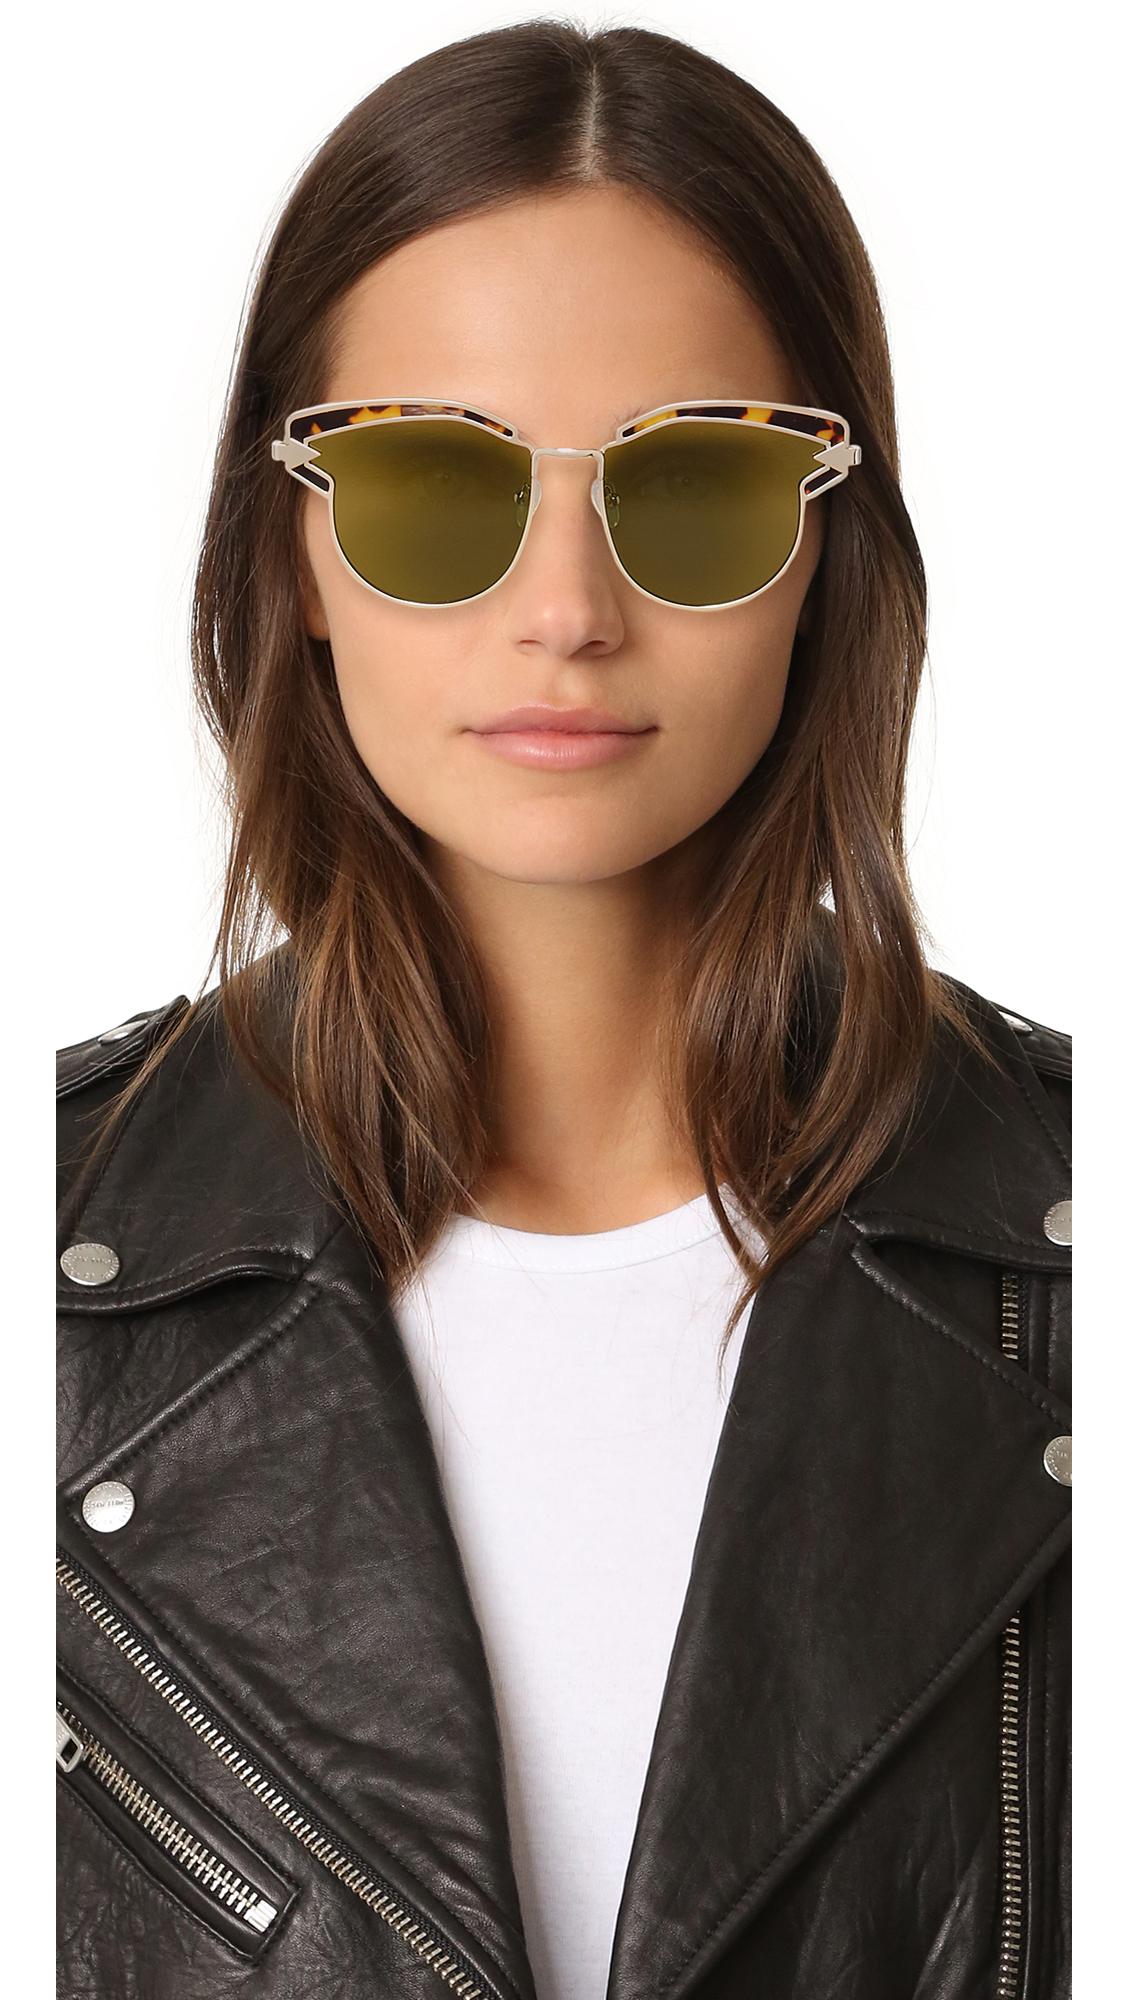 7251a64527a Karen Walker Felipe Sunglasses